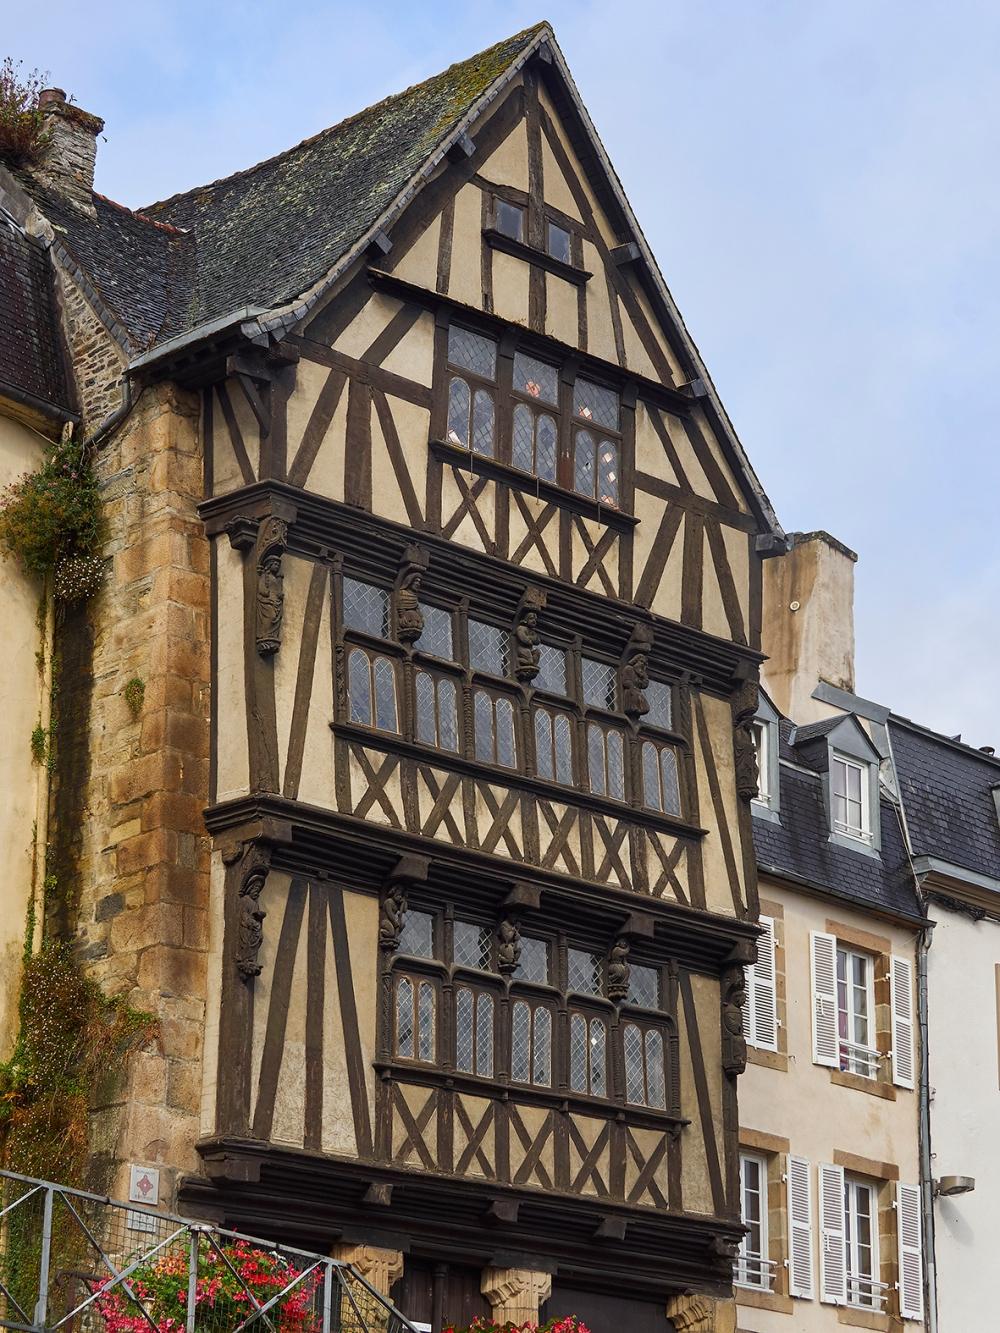 Façade sur rue de la maison de la Duchesse Anne, à Morlaix (Finistère), dont les étages sont disposés en encorbellement. © Bernard Galéron